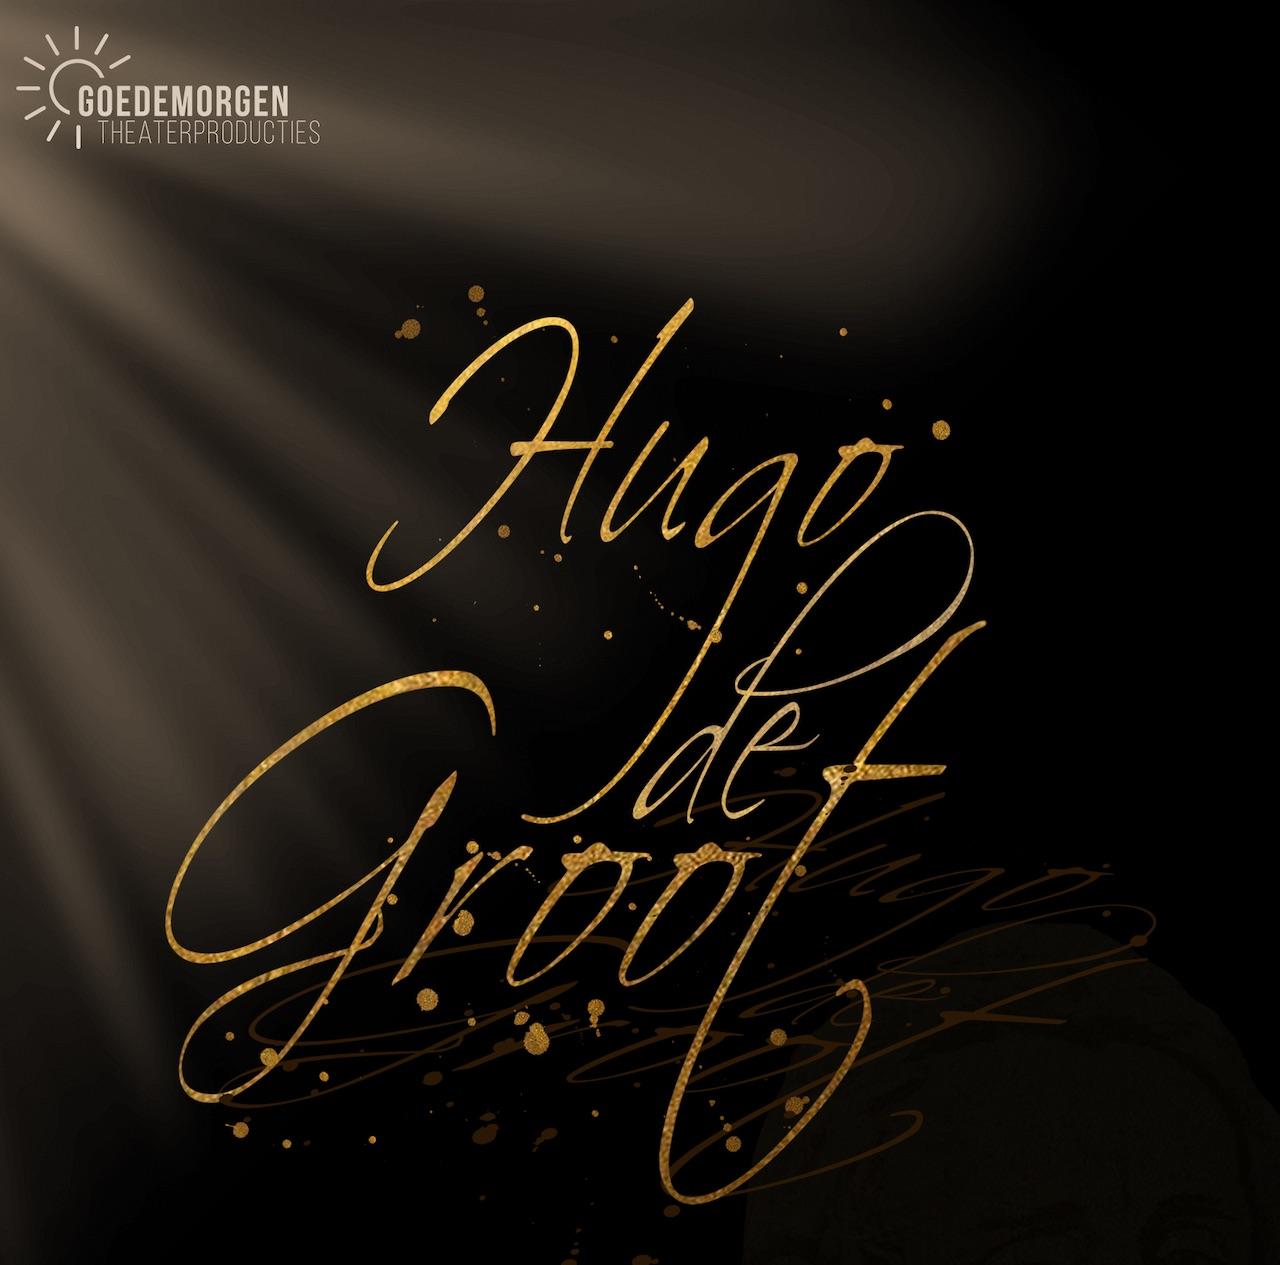 Auditie-oproep: Goedemorgen Theaterproducties zoekt acteurs/zangers voor musical 'Hugo de Groot'